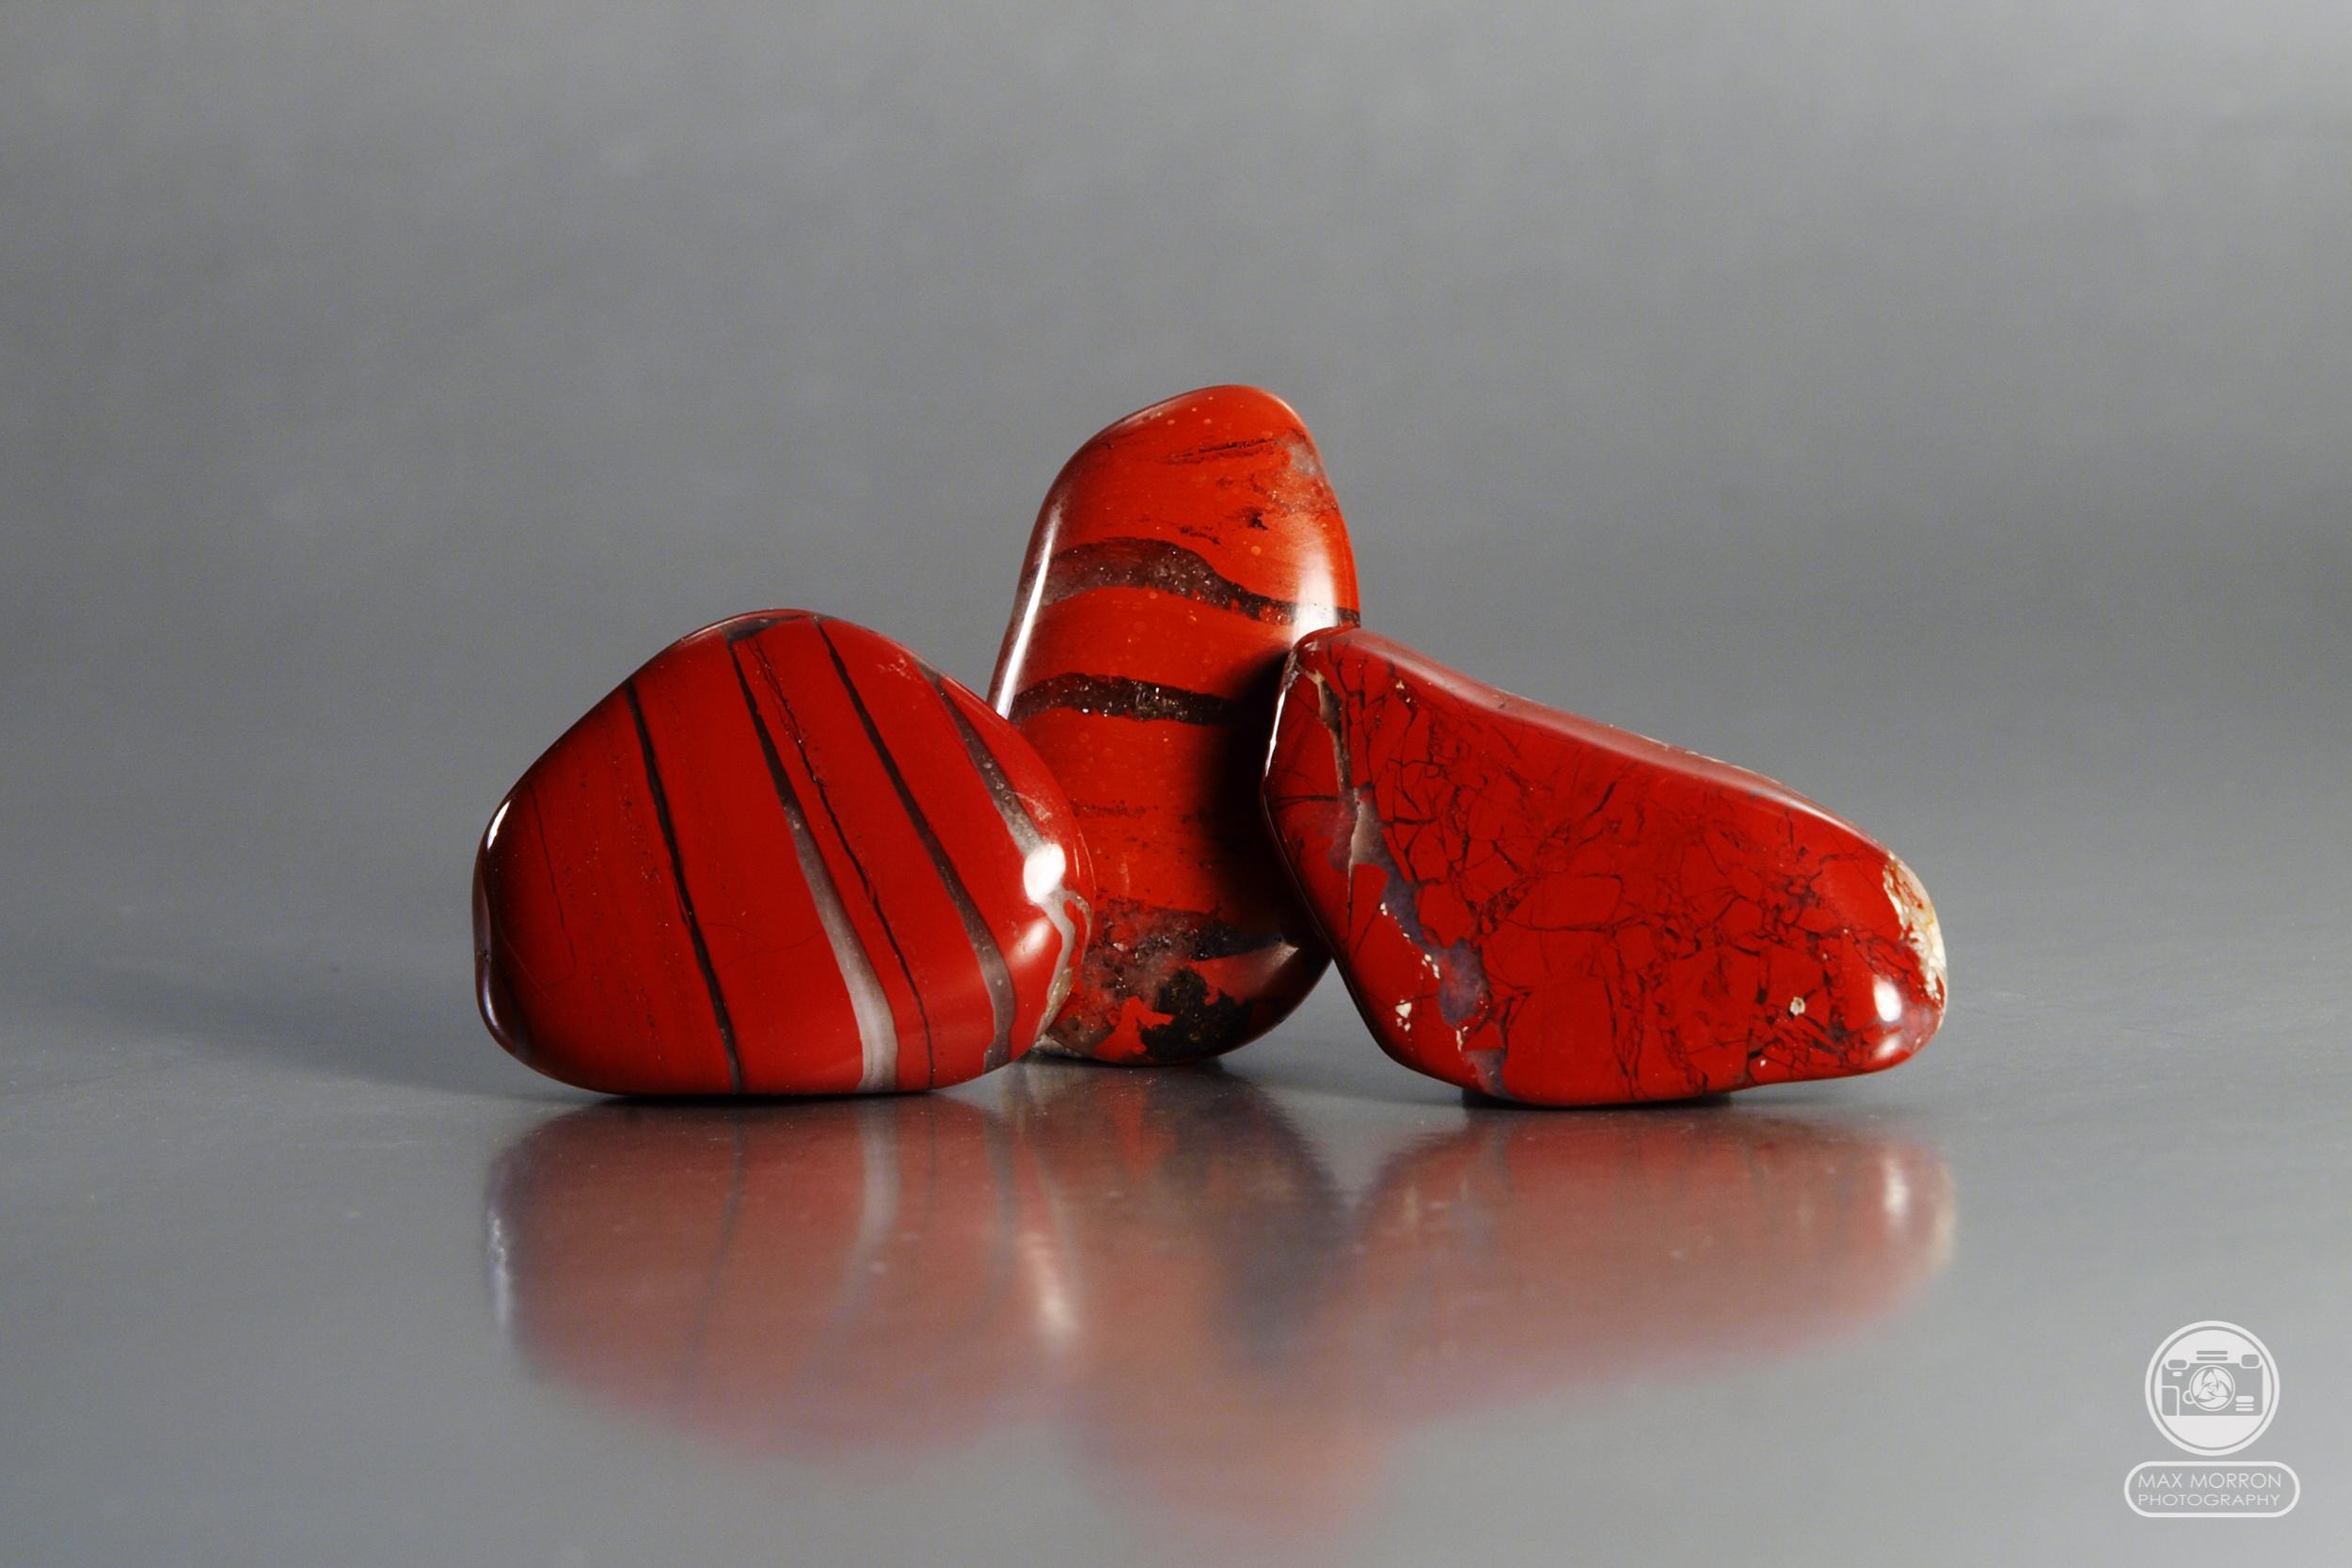 חלוקי ג'ספר אדומה. צילום: מקס קובלסקי Photo by Max Kovalski www.maxkov.com